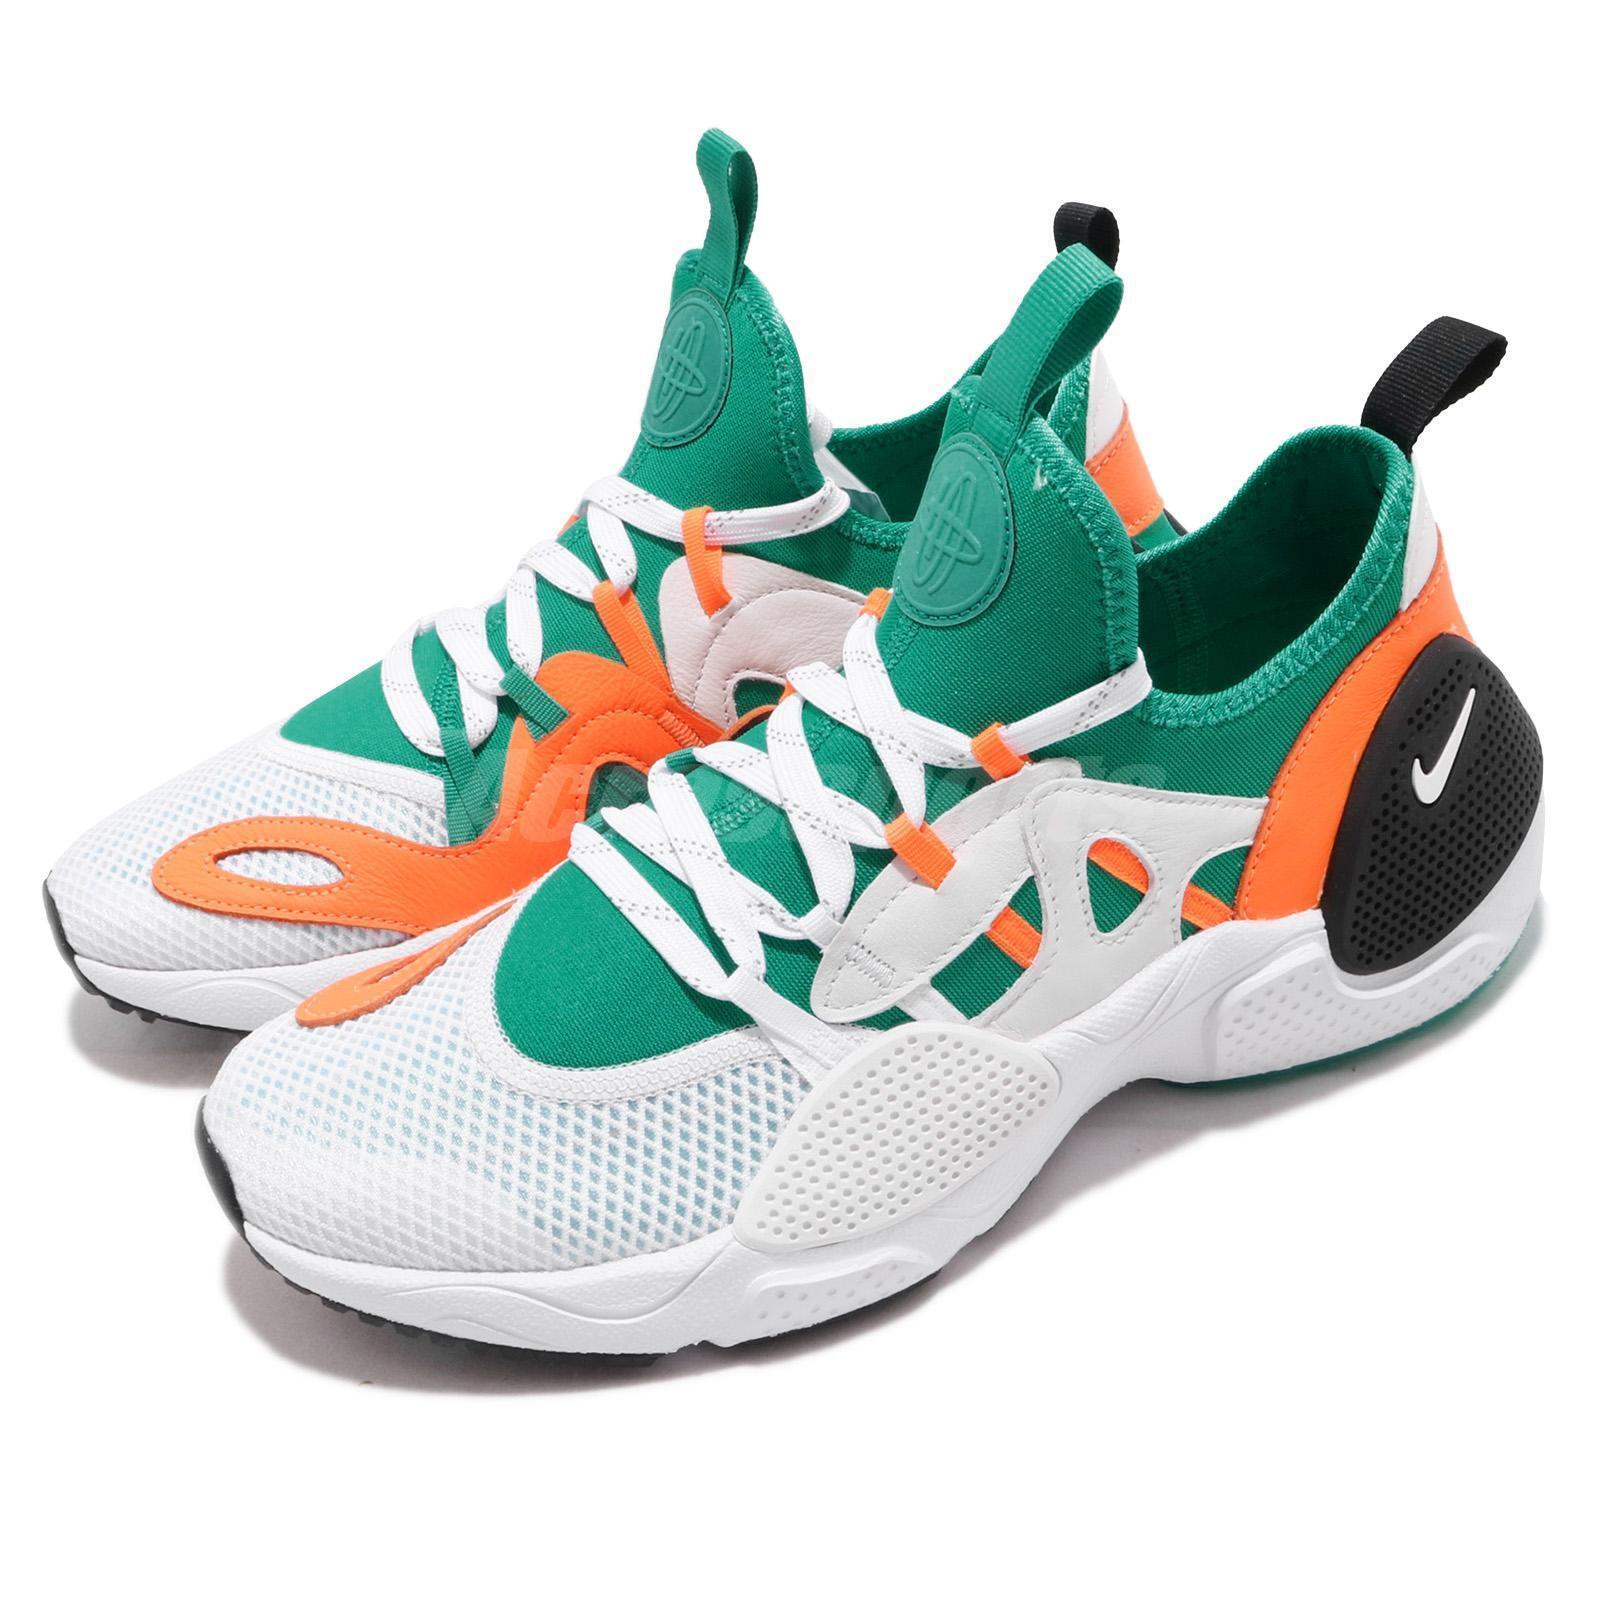 Nike Huarache E.D.G.E. TXT QS White Clear Emerald orange Men shoes BQ5206-100